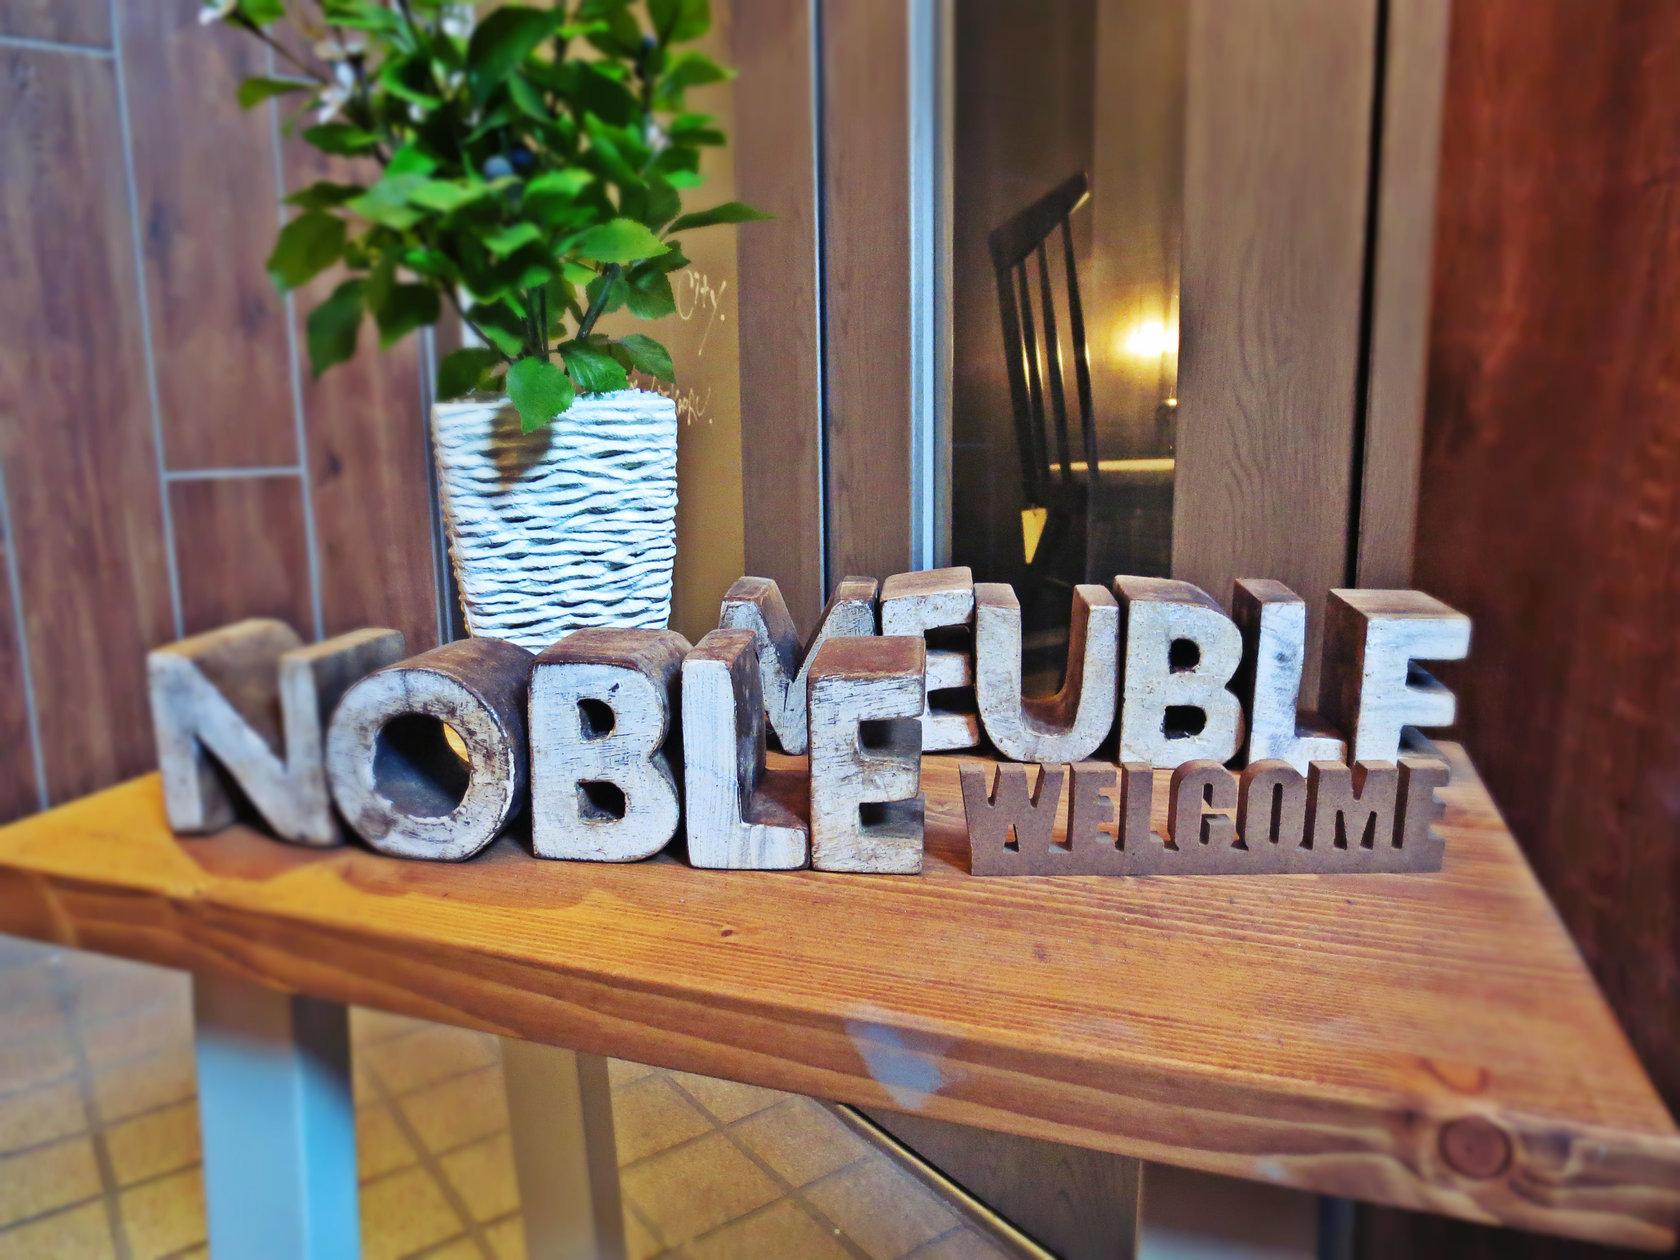 【八丁堀 茅場町 】上質なインテリアに囲まれてゆっくりできる、フォトジェニックな空間! イベント・ママ会・撮影・ミーティングなど(noble meuble ショールームスペース) の写真0